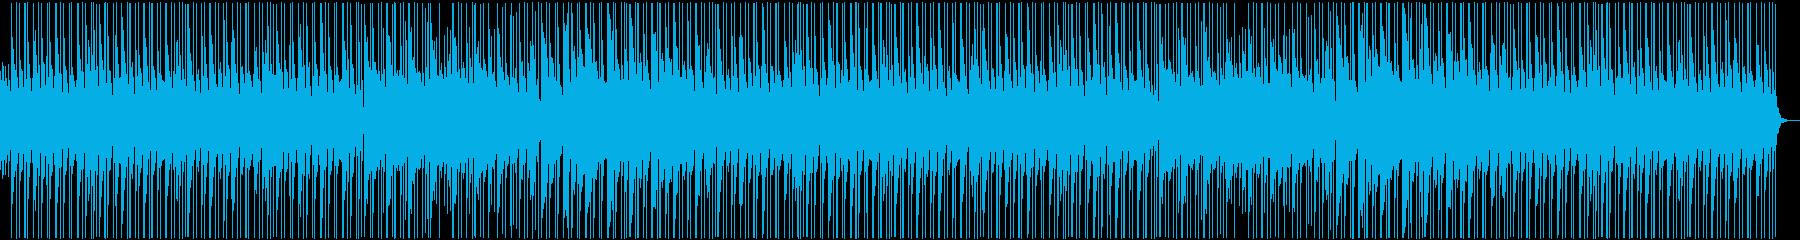 お正月 和風 神社仏閣 ピアノ ジブリ風の再生済みの波形